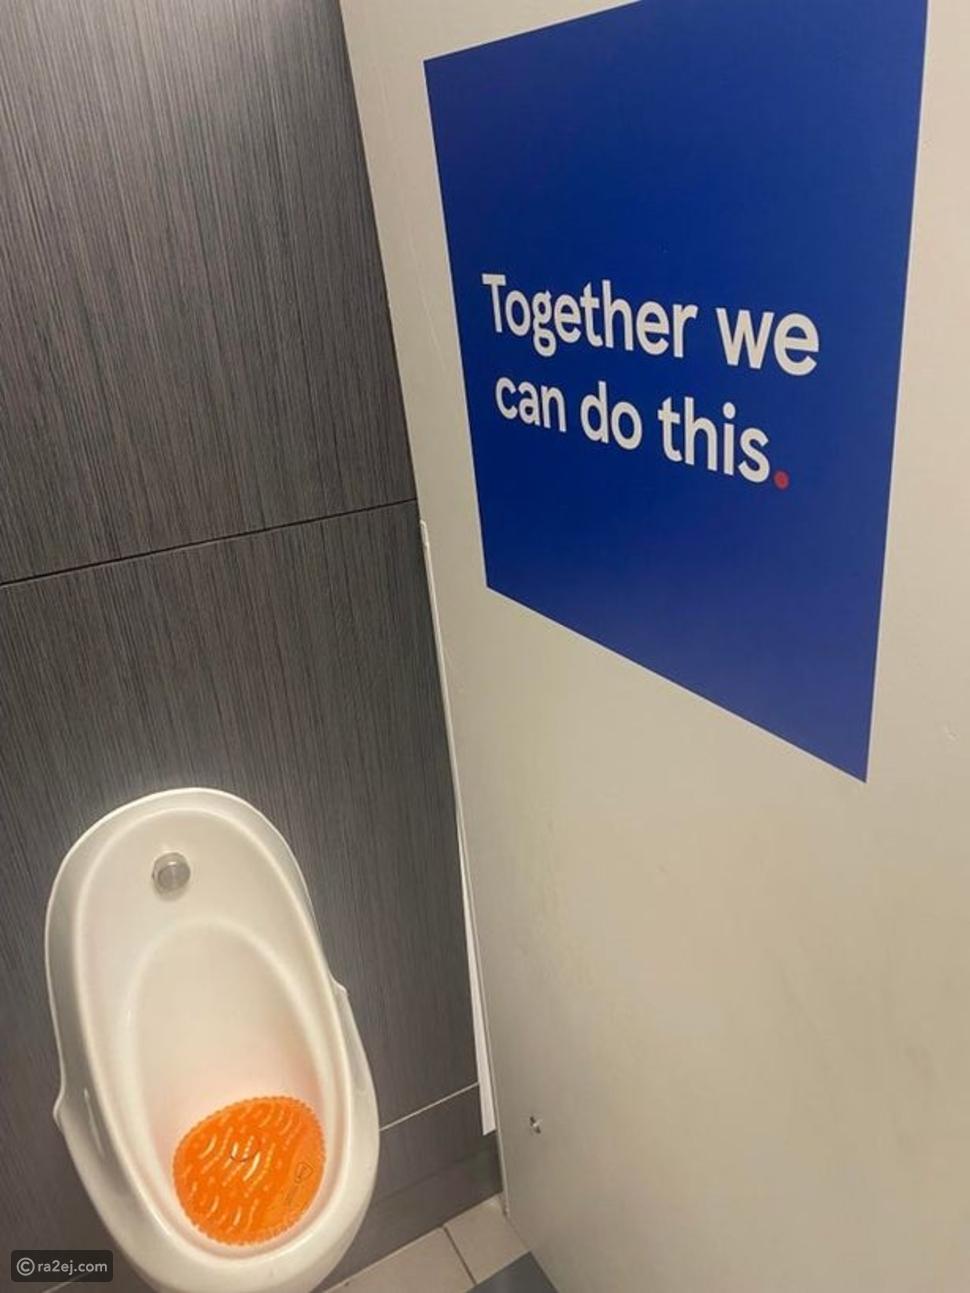 """شركة عالمية في موقف محرج بعد وضعها عبارة """"معًا نستطيع"""" داخل المرحاض"""